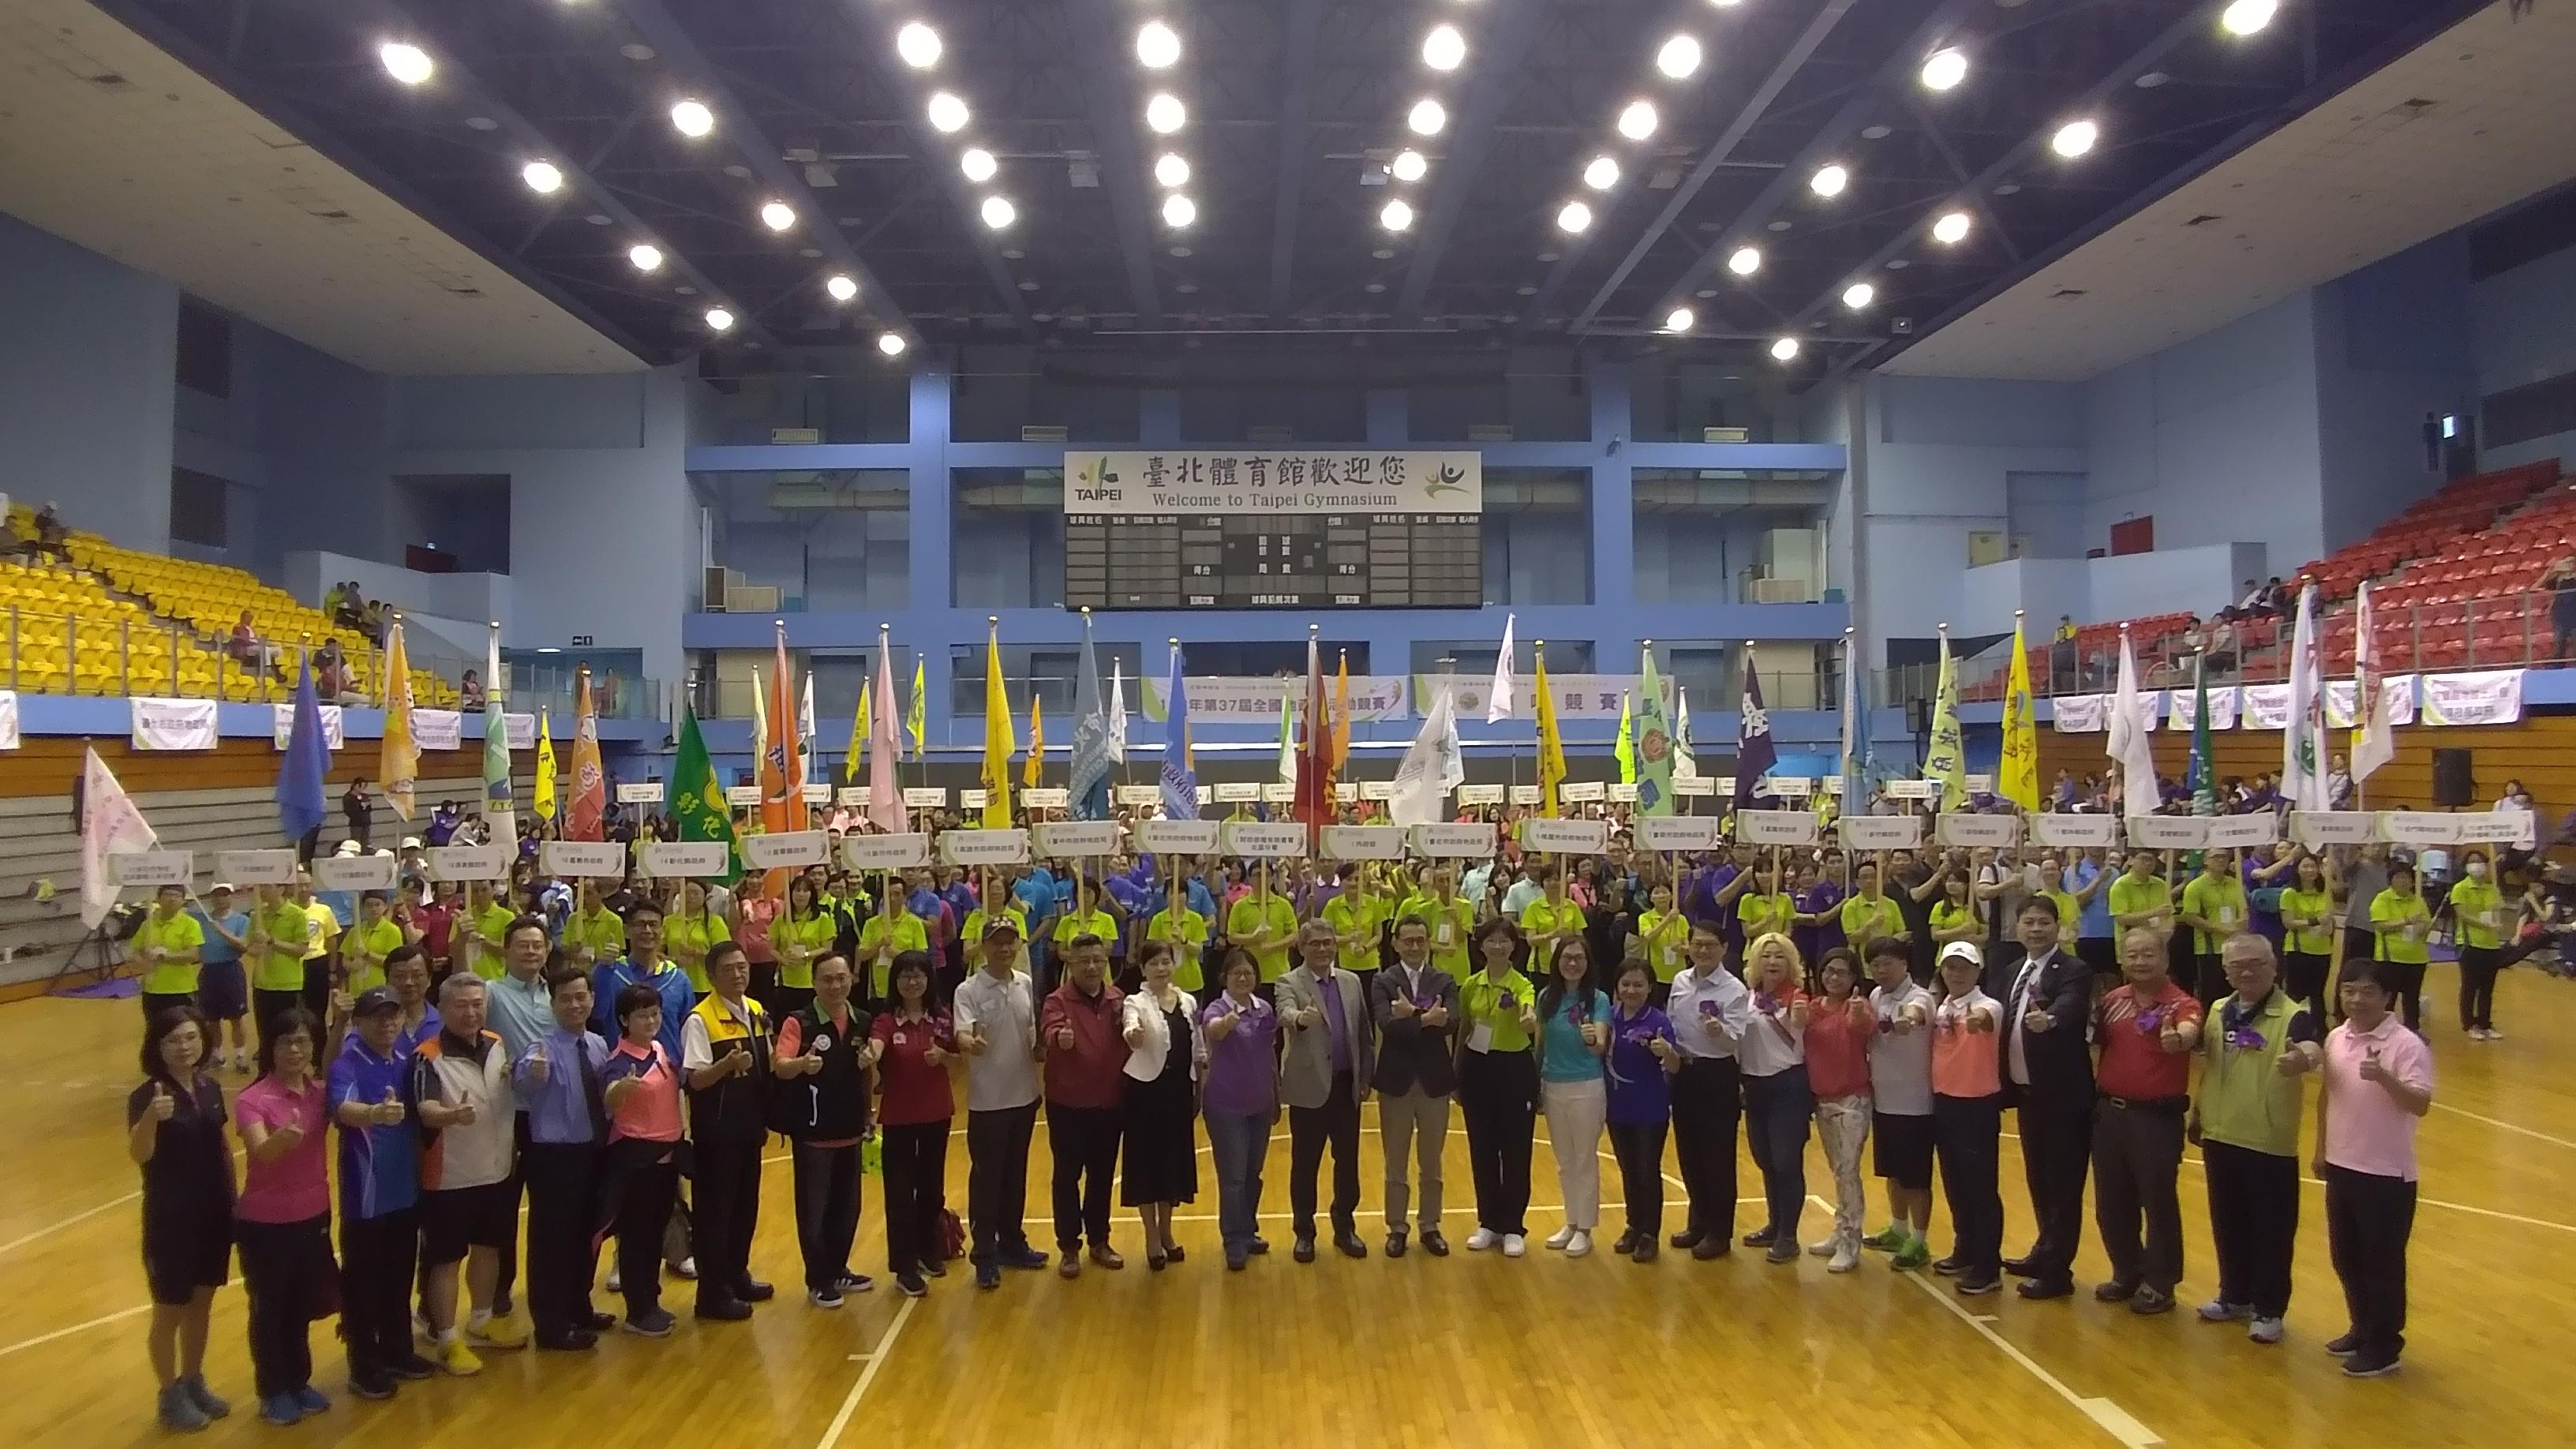 開幕典禮:臺北市政府地政局張局長治祥與與會貴賓、參賽隊伍合照